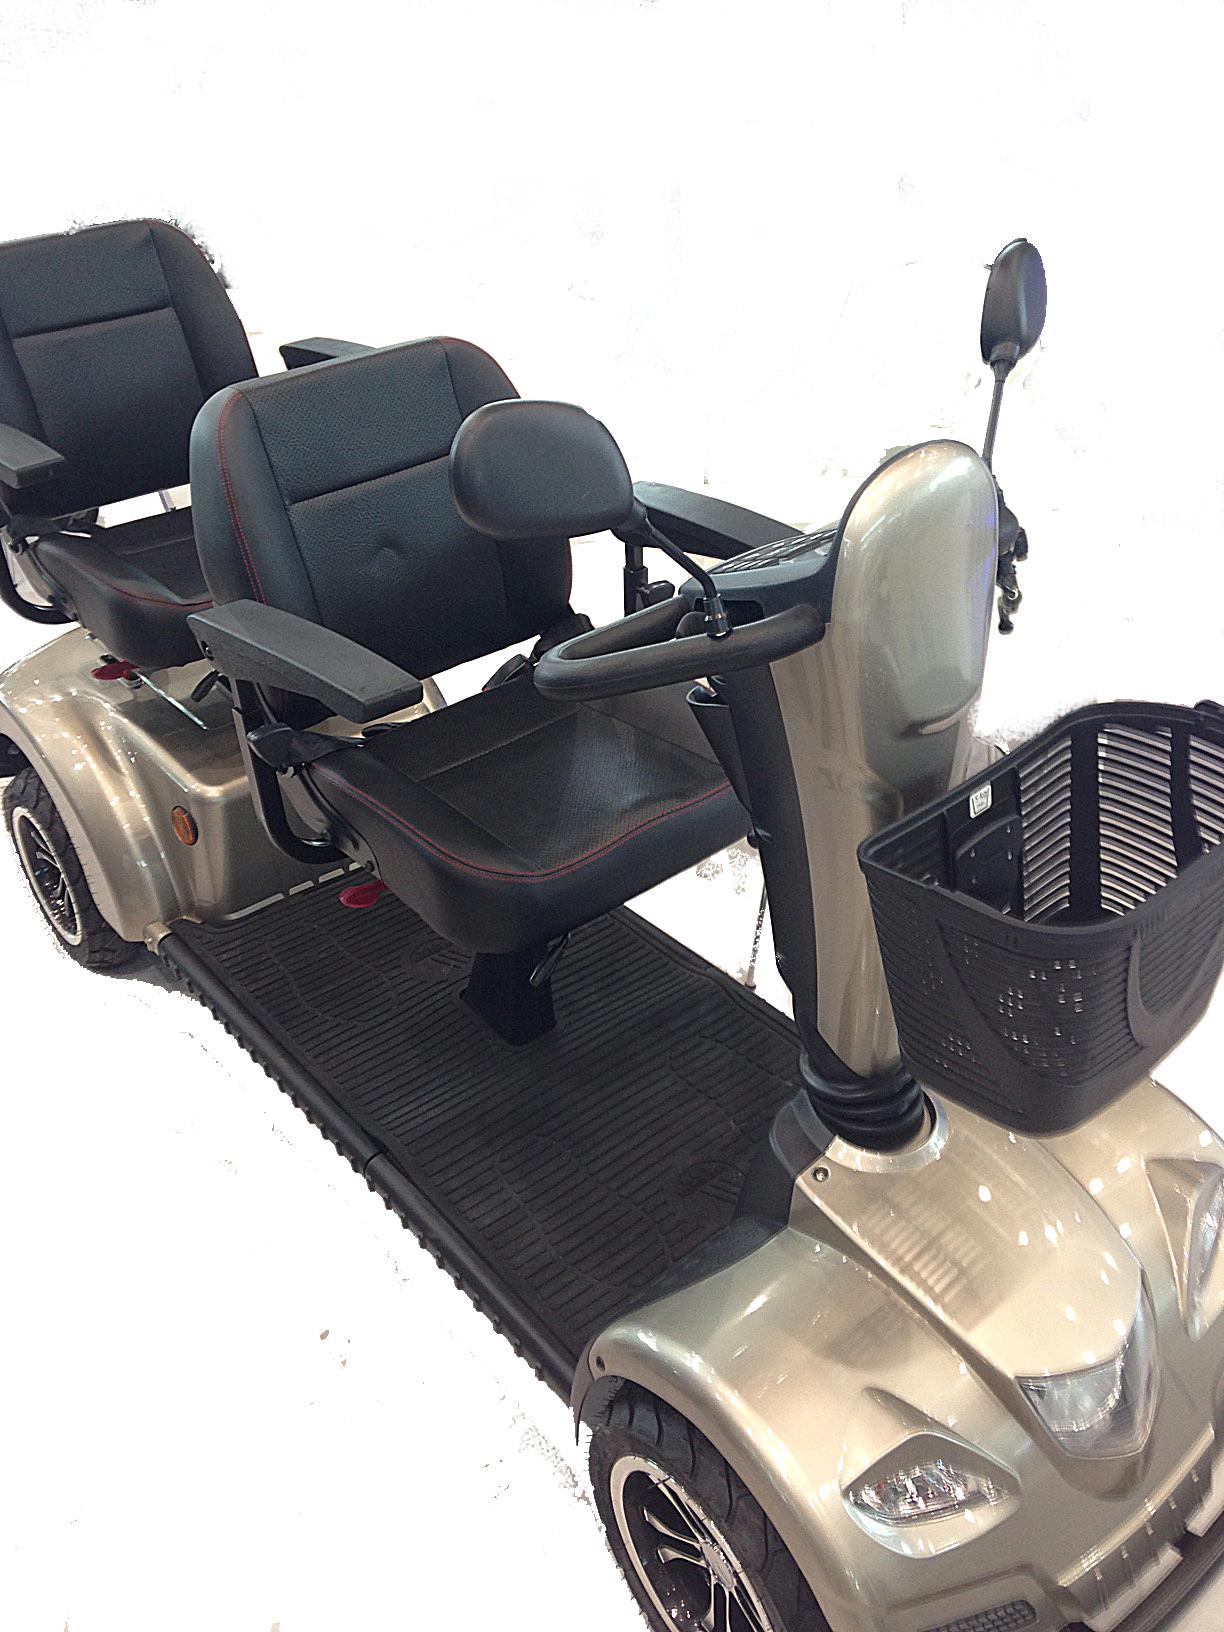 Scooter elettrici pieghevoli ausili per disabili e anziani online vendita scooter elettrici - Letto disabili asl ...